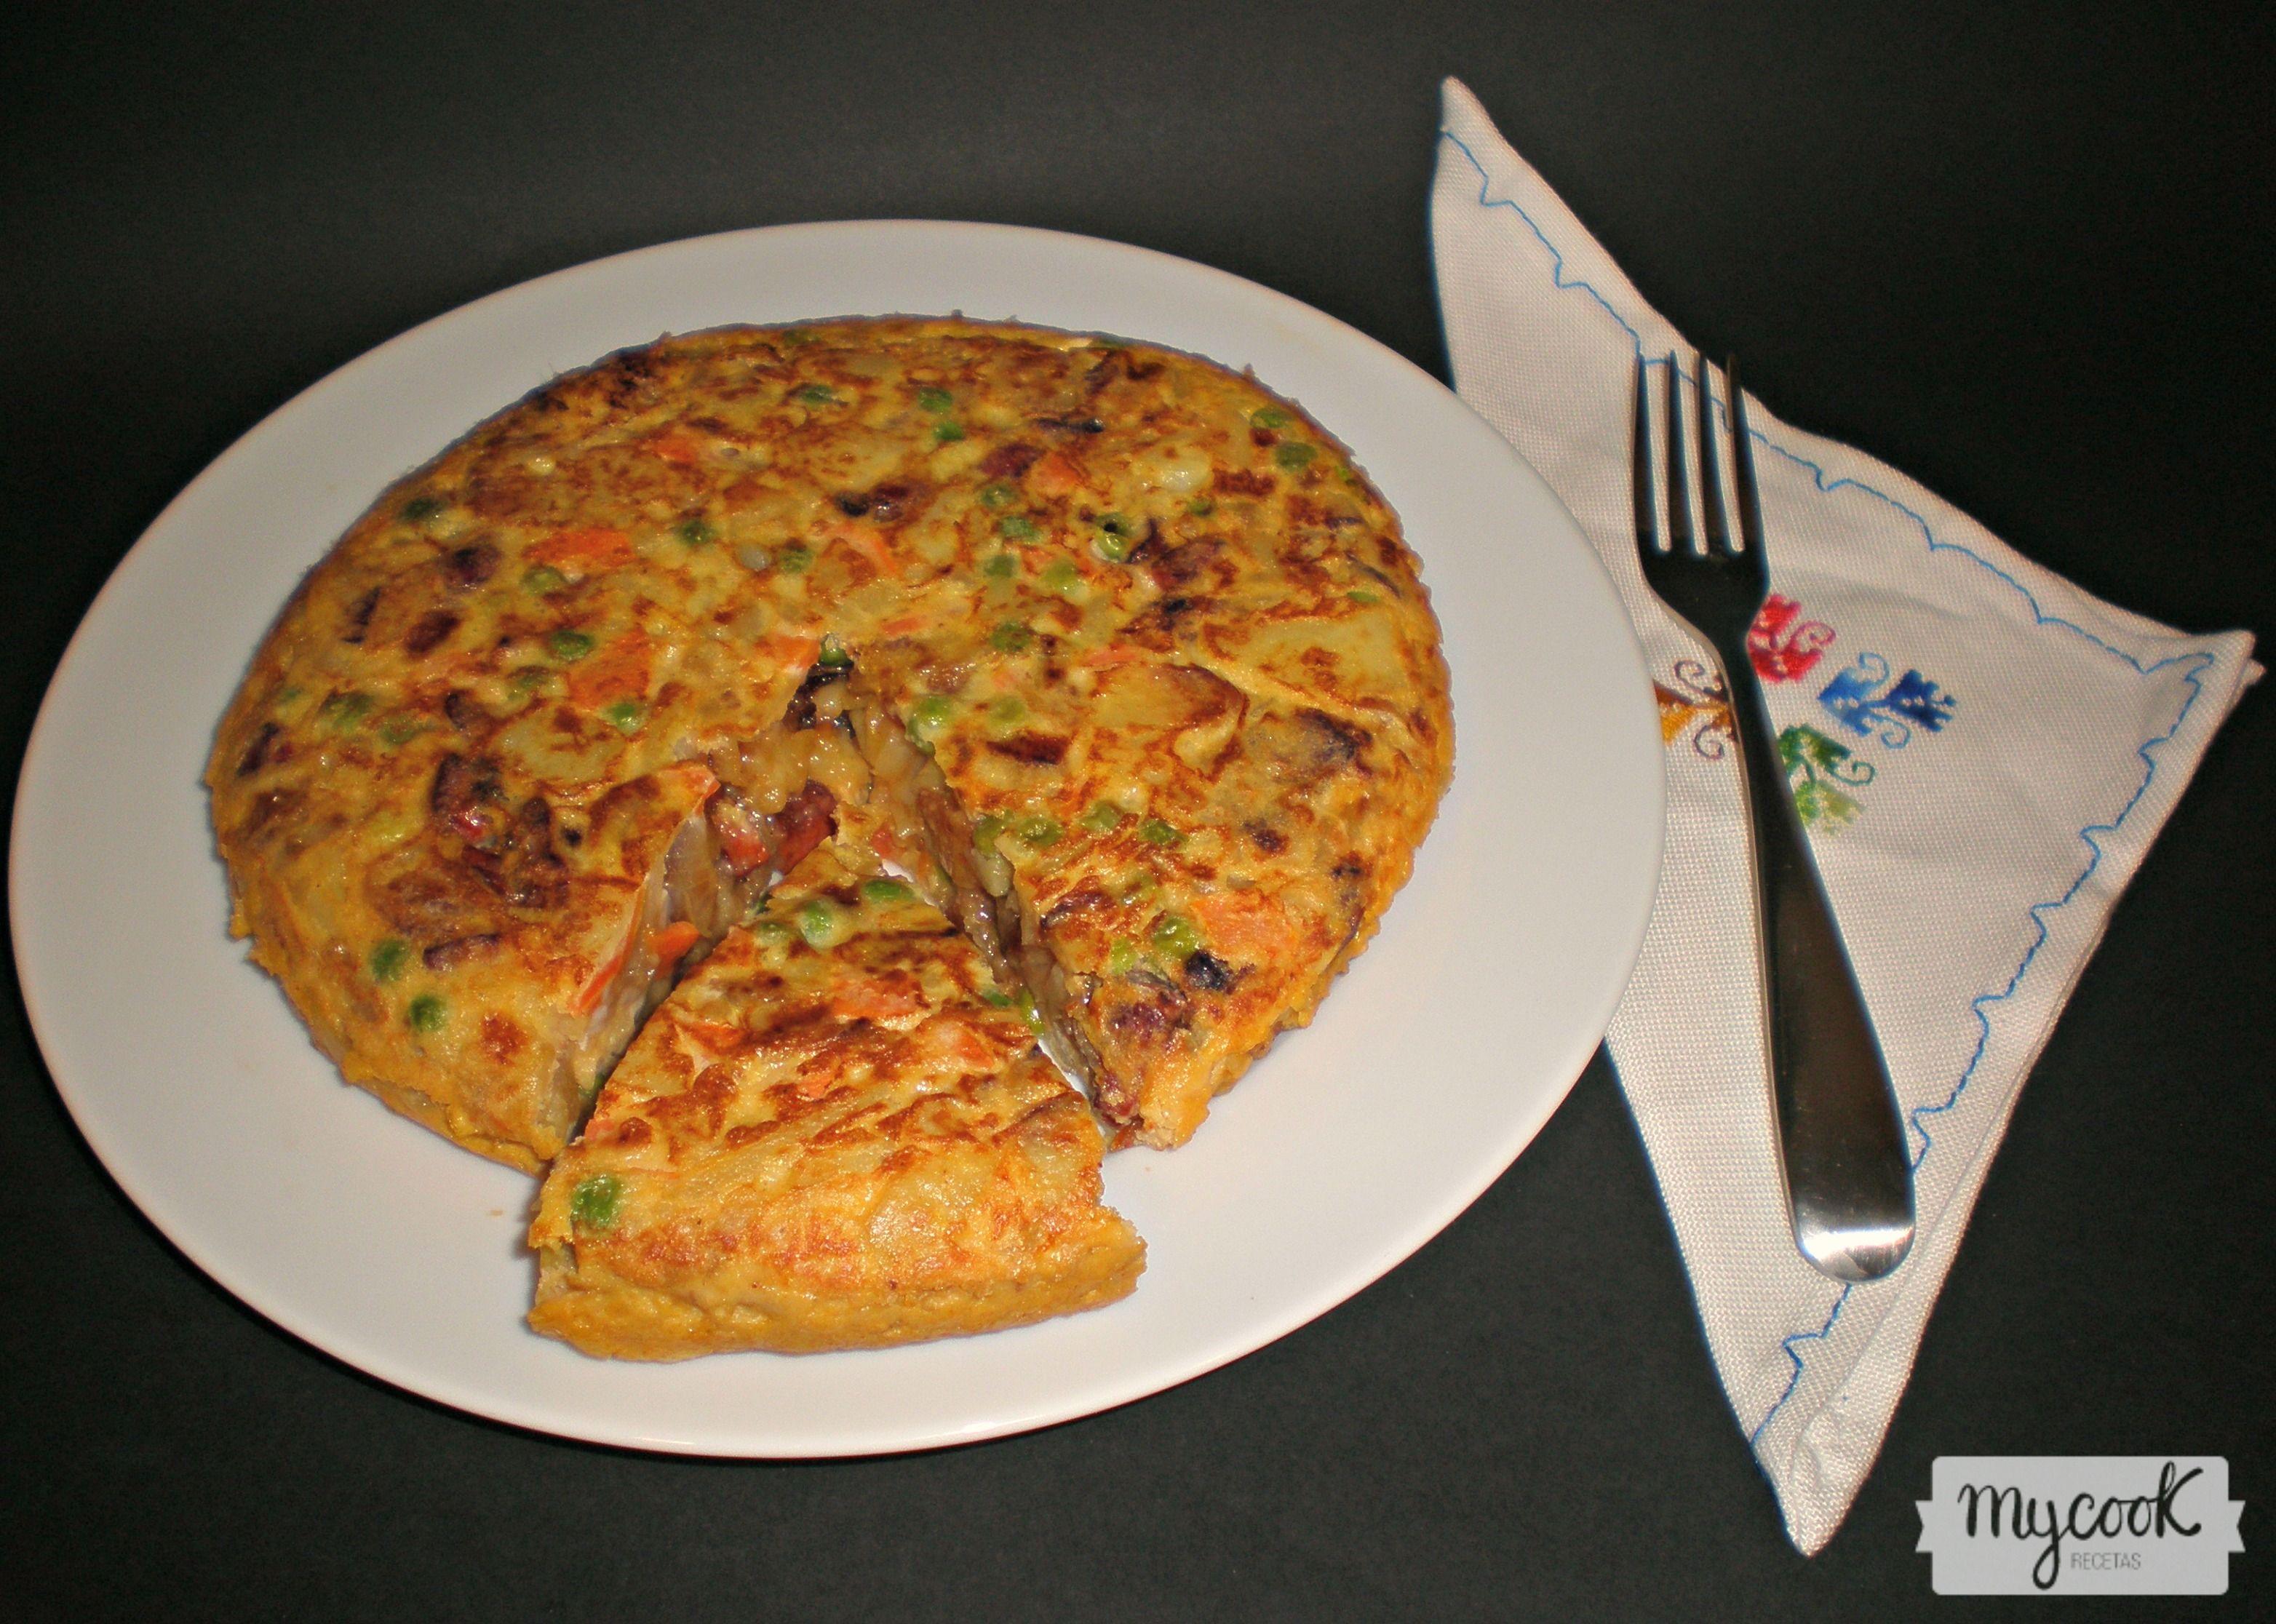 Tortilla paisana - http://www.mycookrecetas.com/tortilla-paisana/